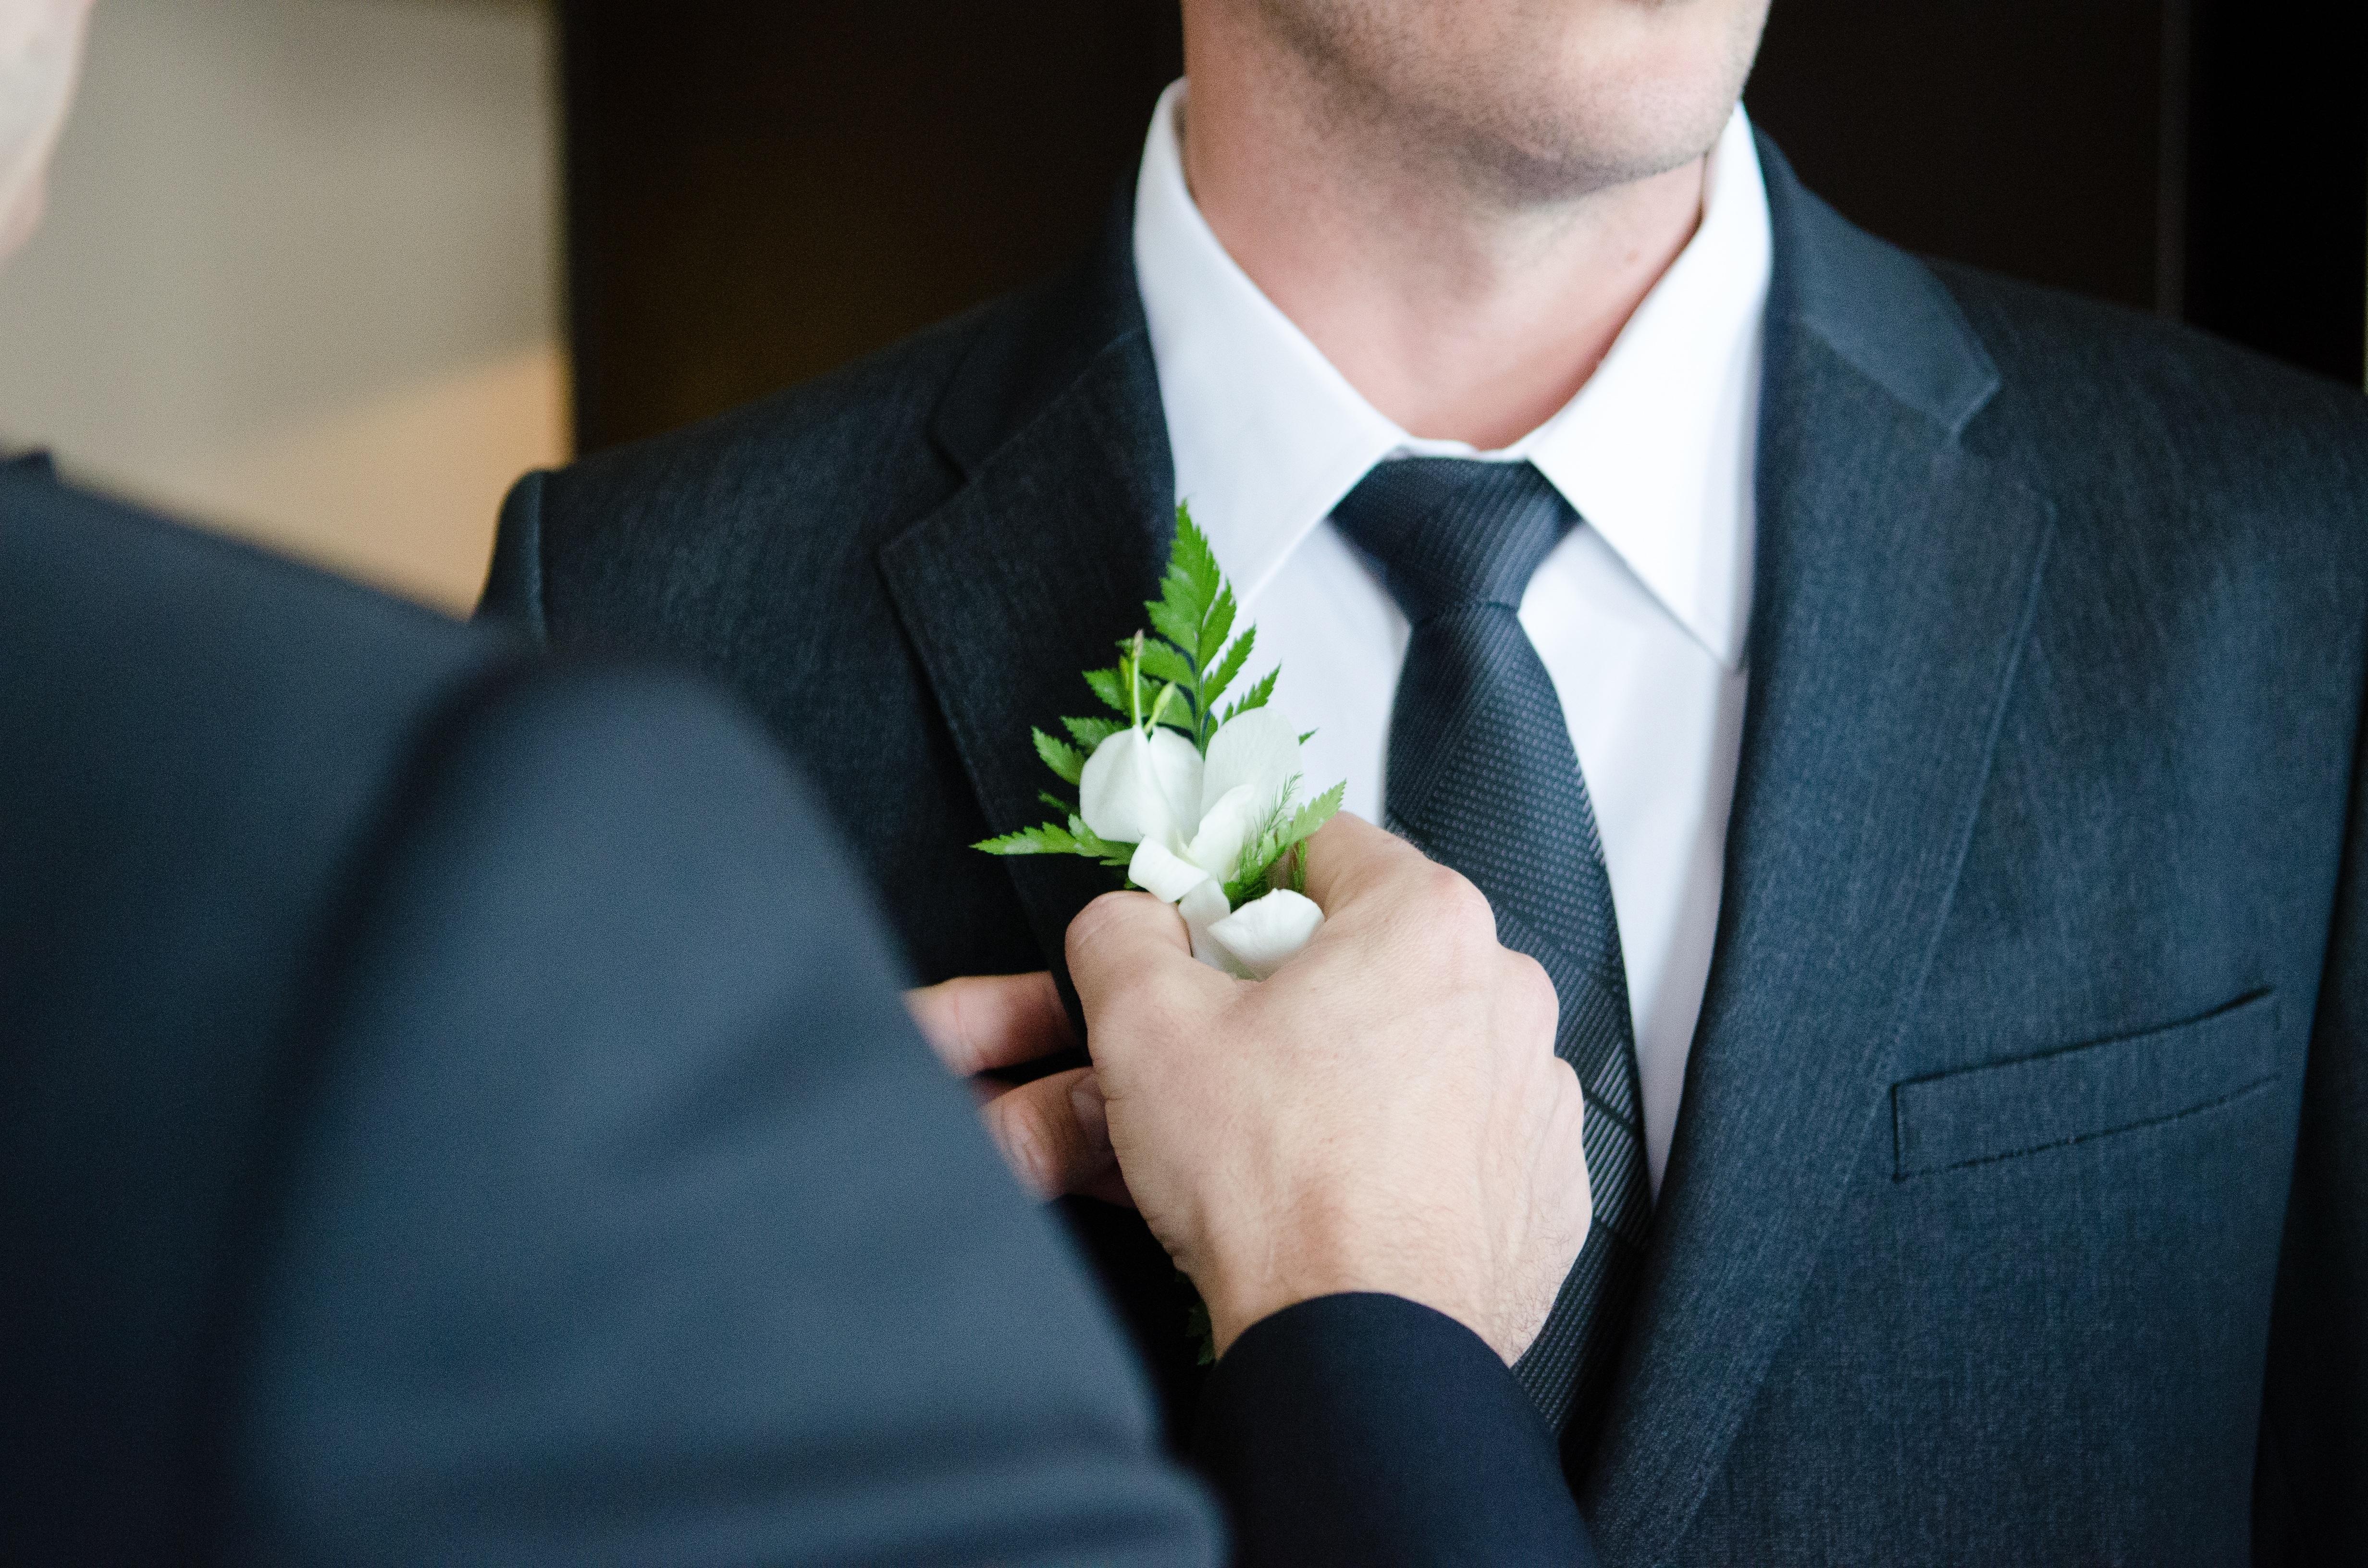 【浮気の恋愛失敗談5】婚約者がいるにも関わらず二股をしようと思っていた最低男